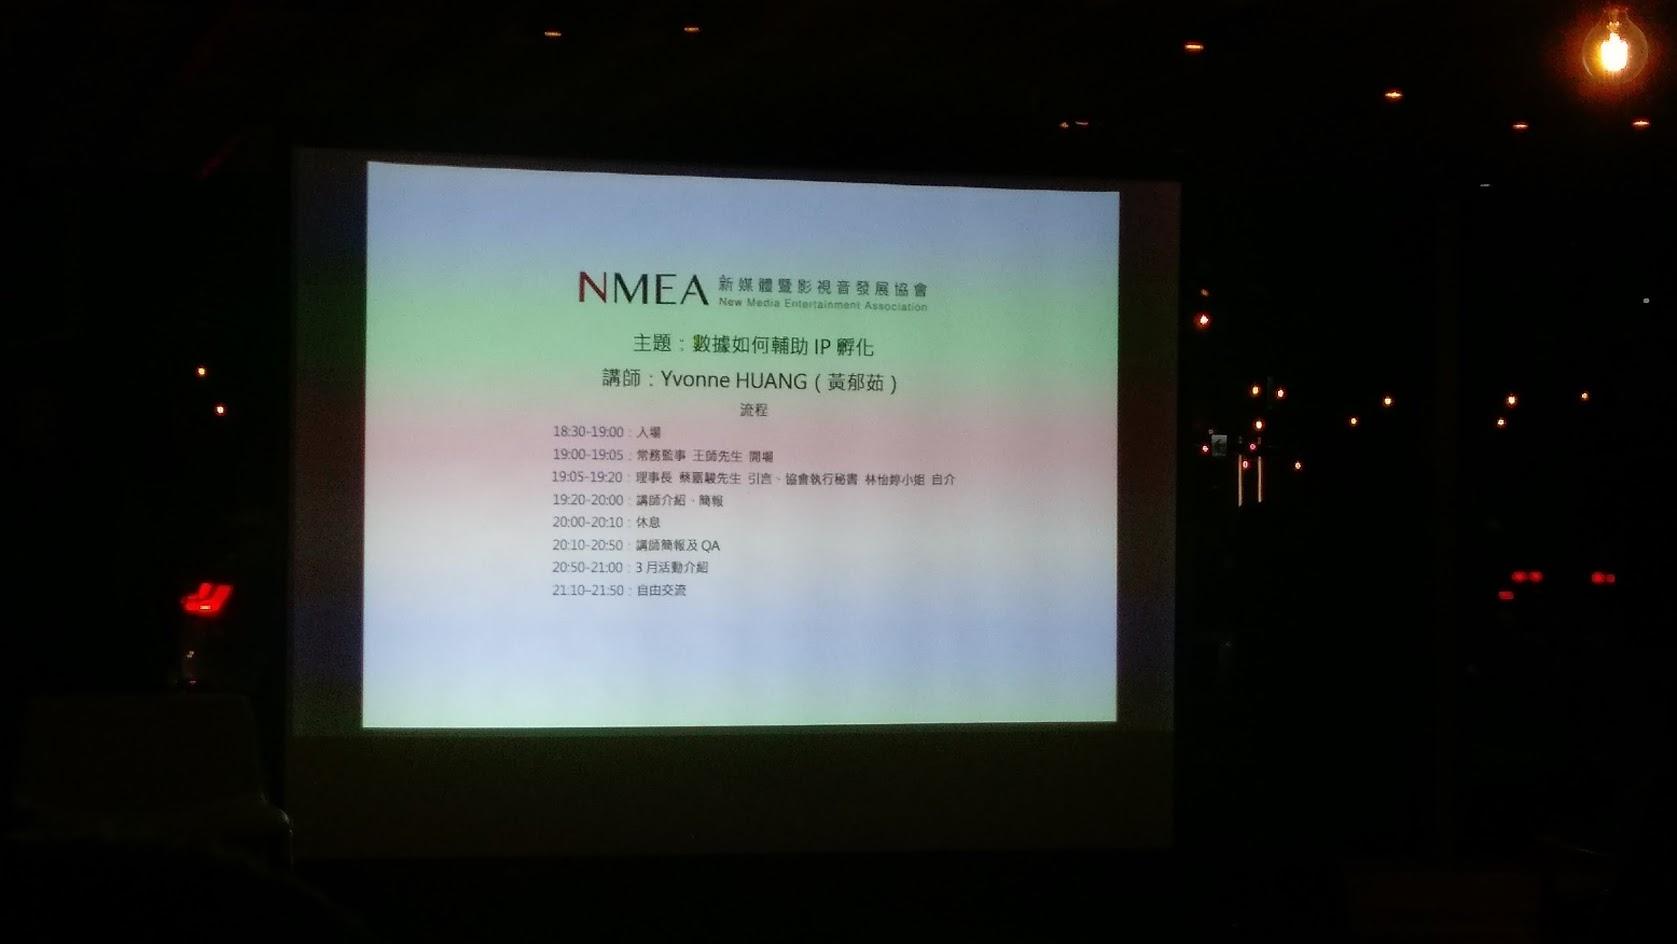 【活動側記】NMEA講座「數據如何輔助IP孵化」筆記